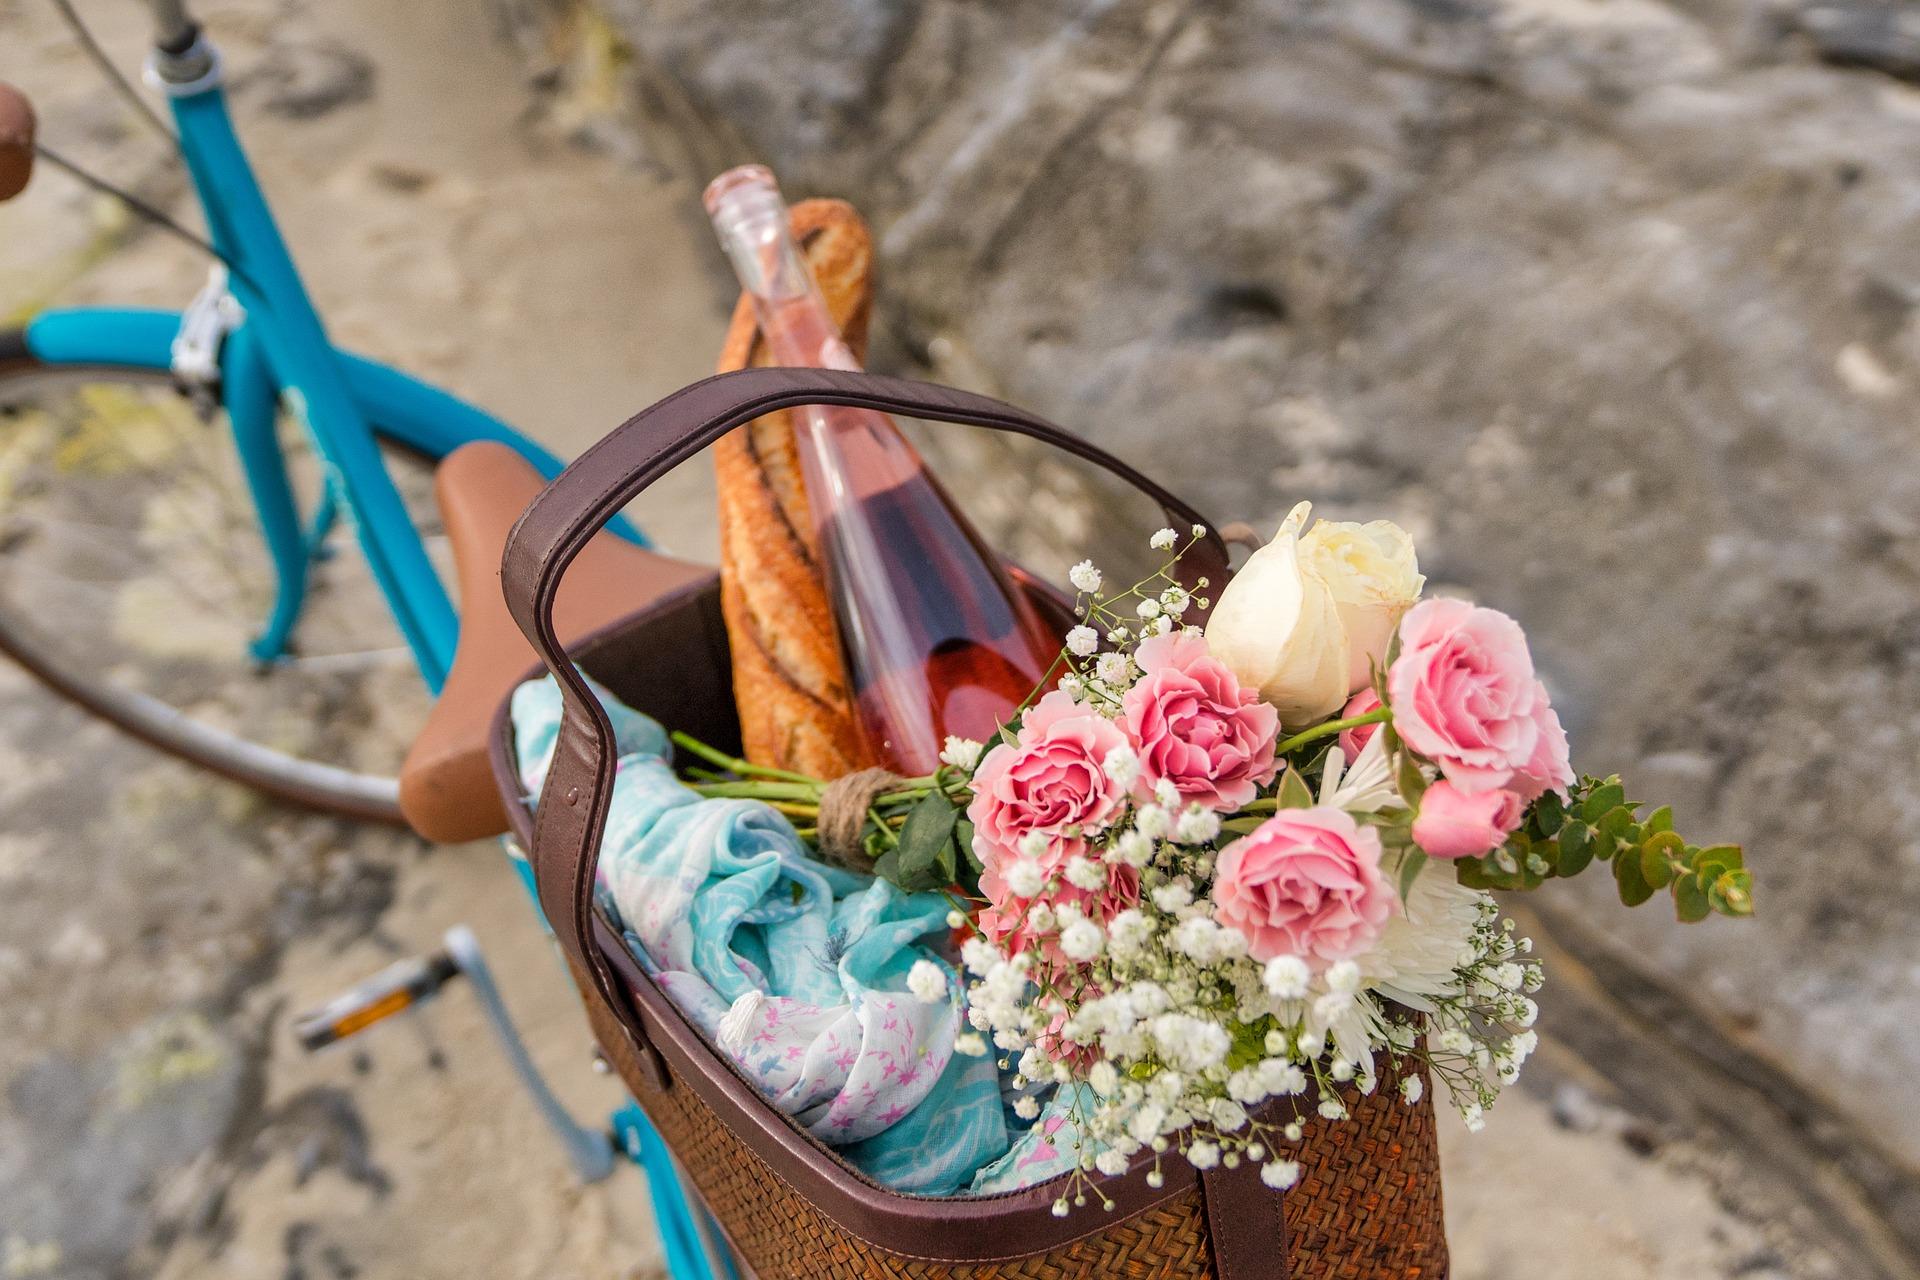 Cómo preparar un picnic romántico para sorprender a tu pareja